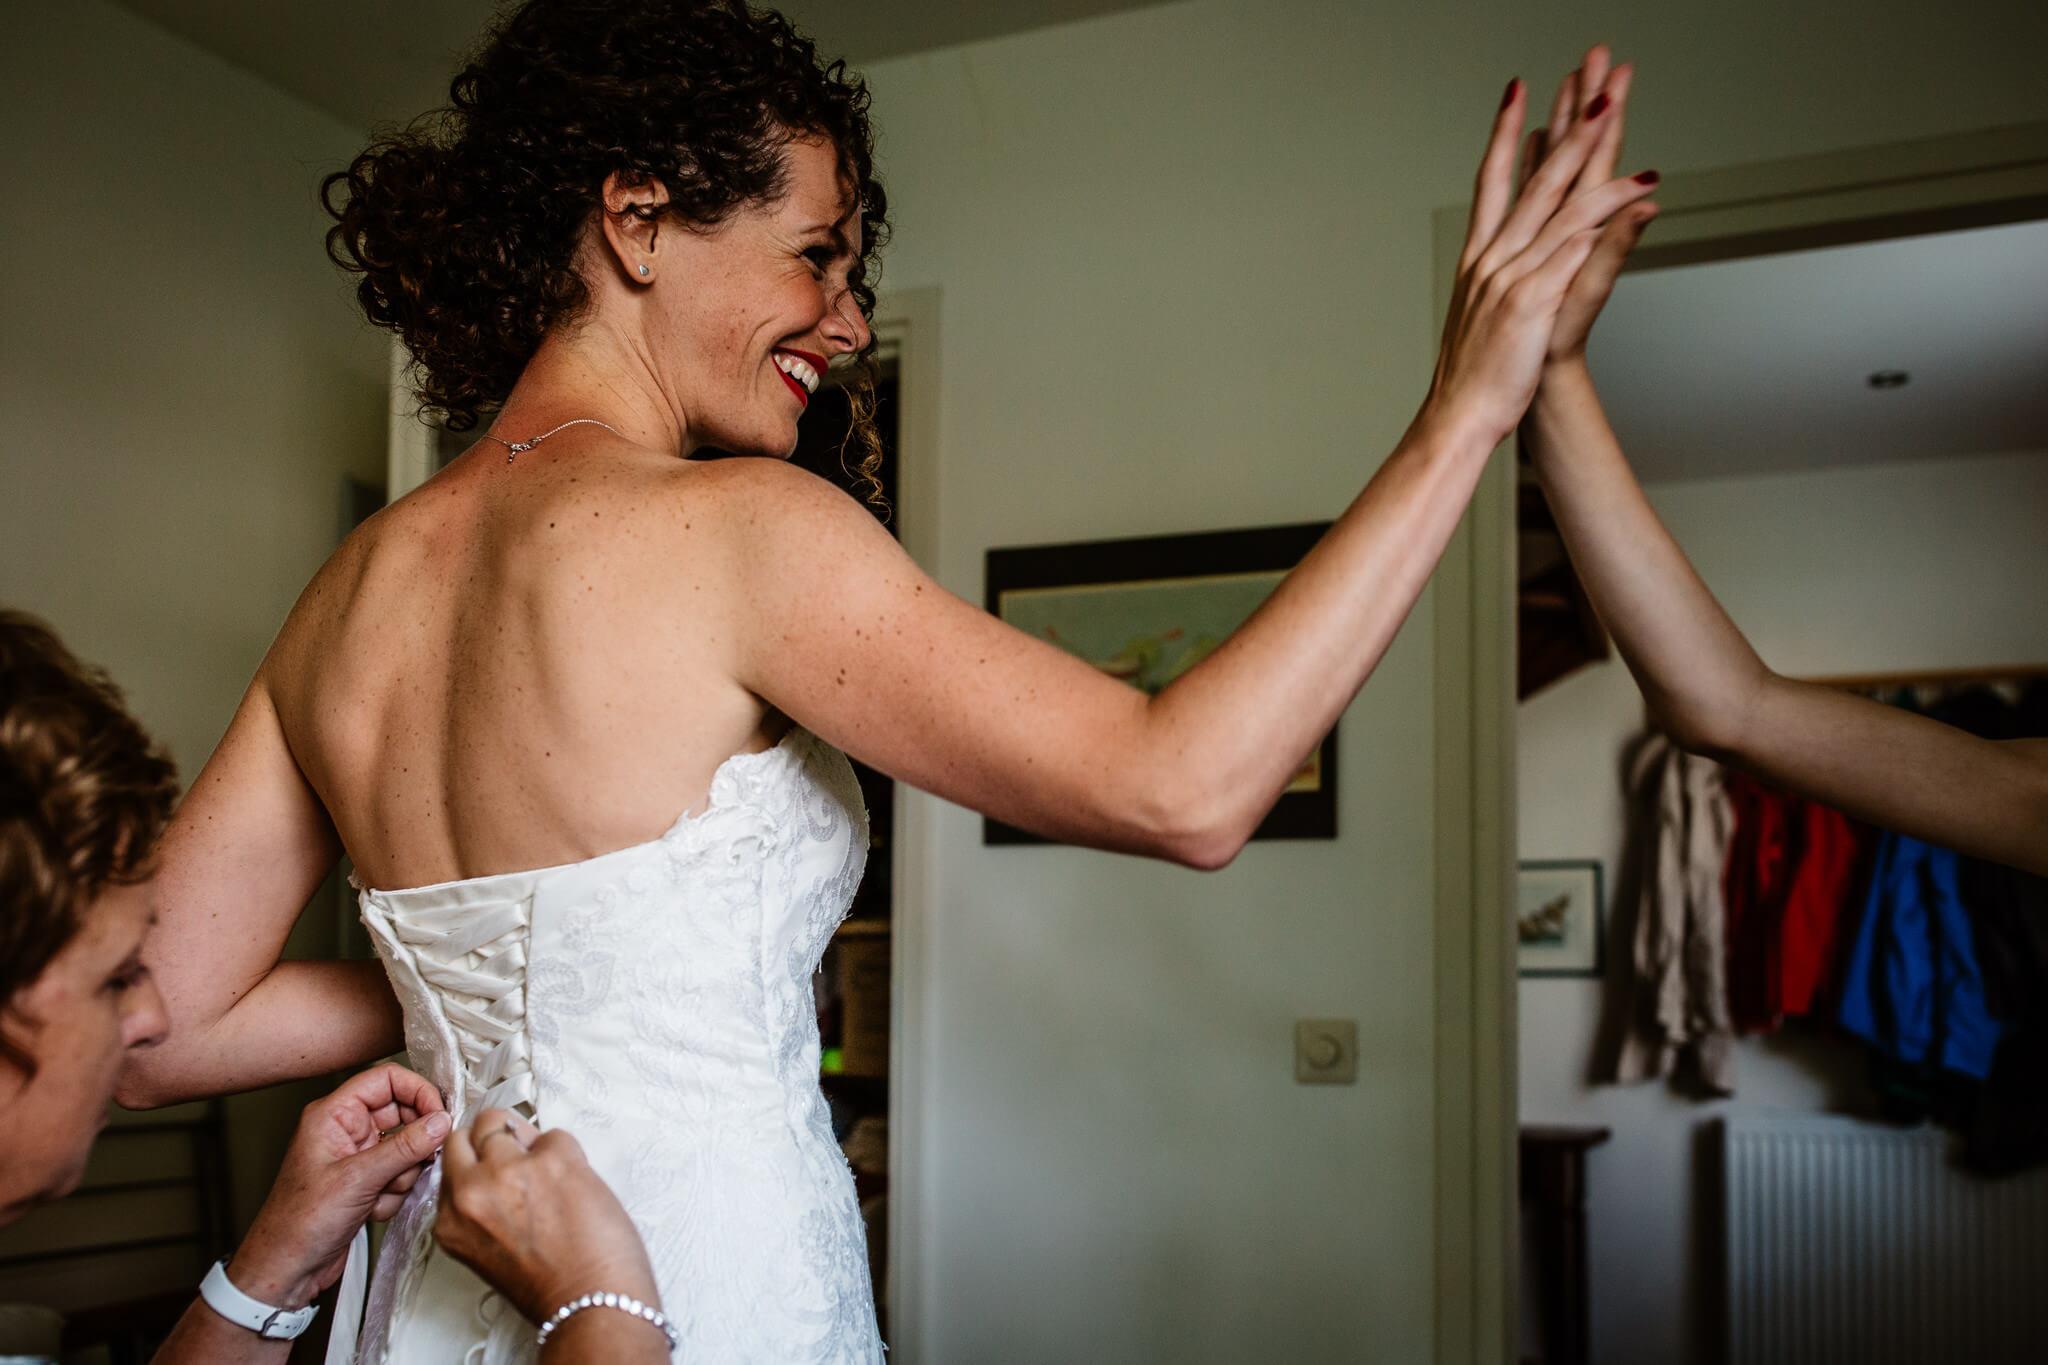 festivalbruiloft-bruidsfotograaf-utrecht-3.jpg